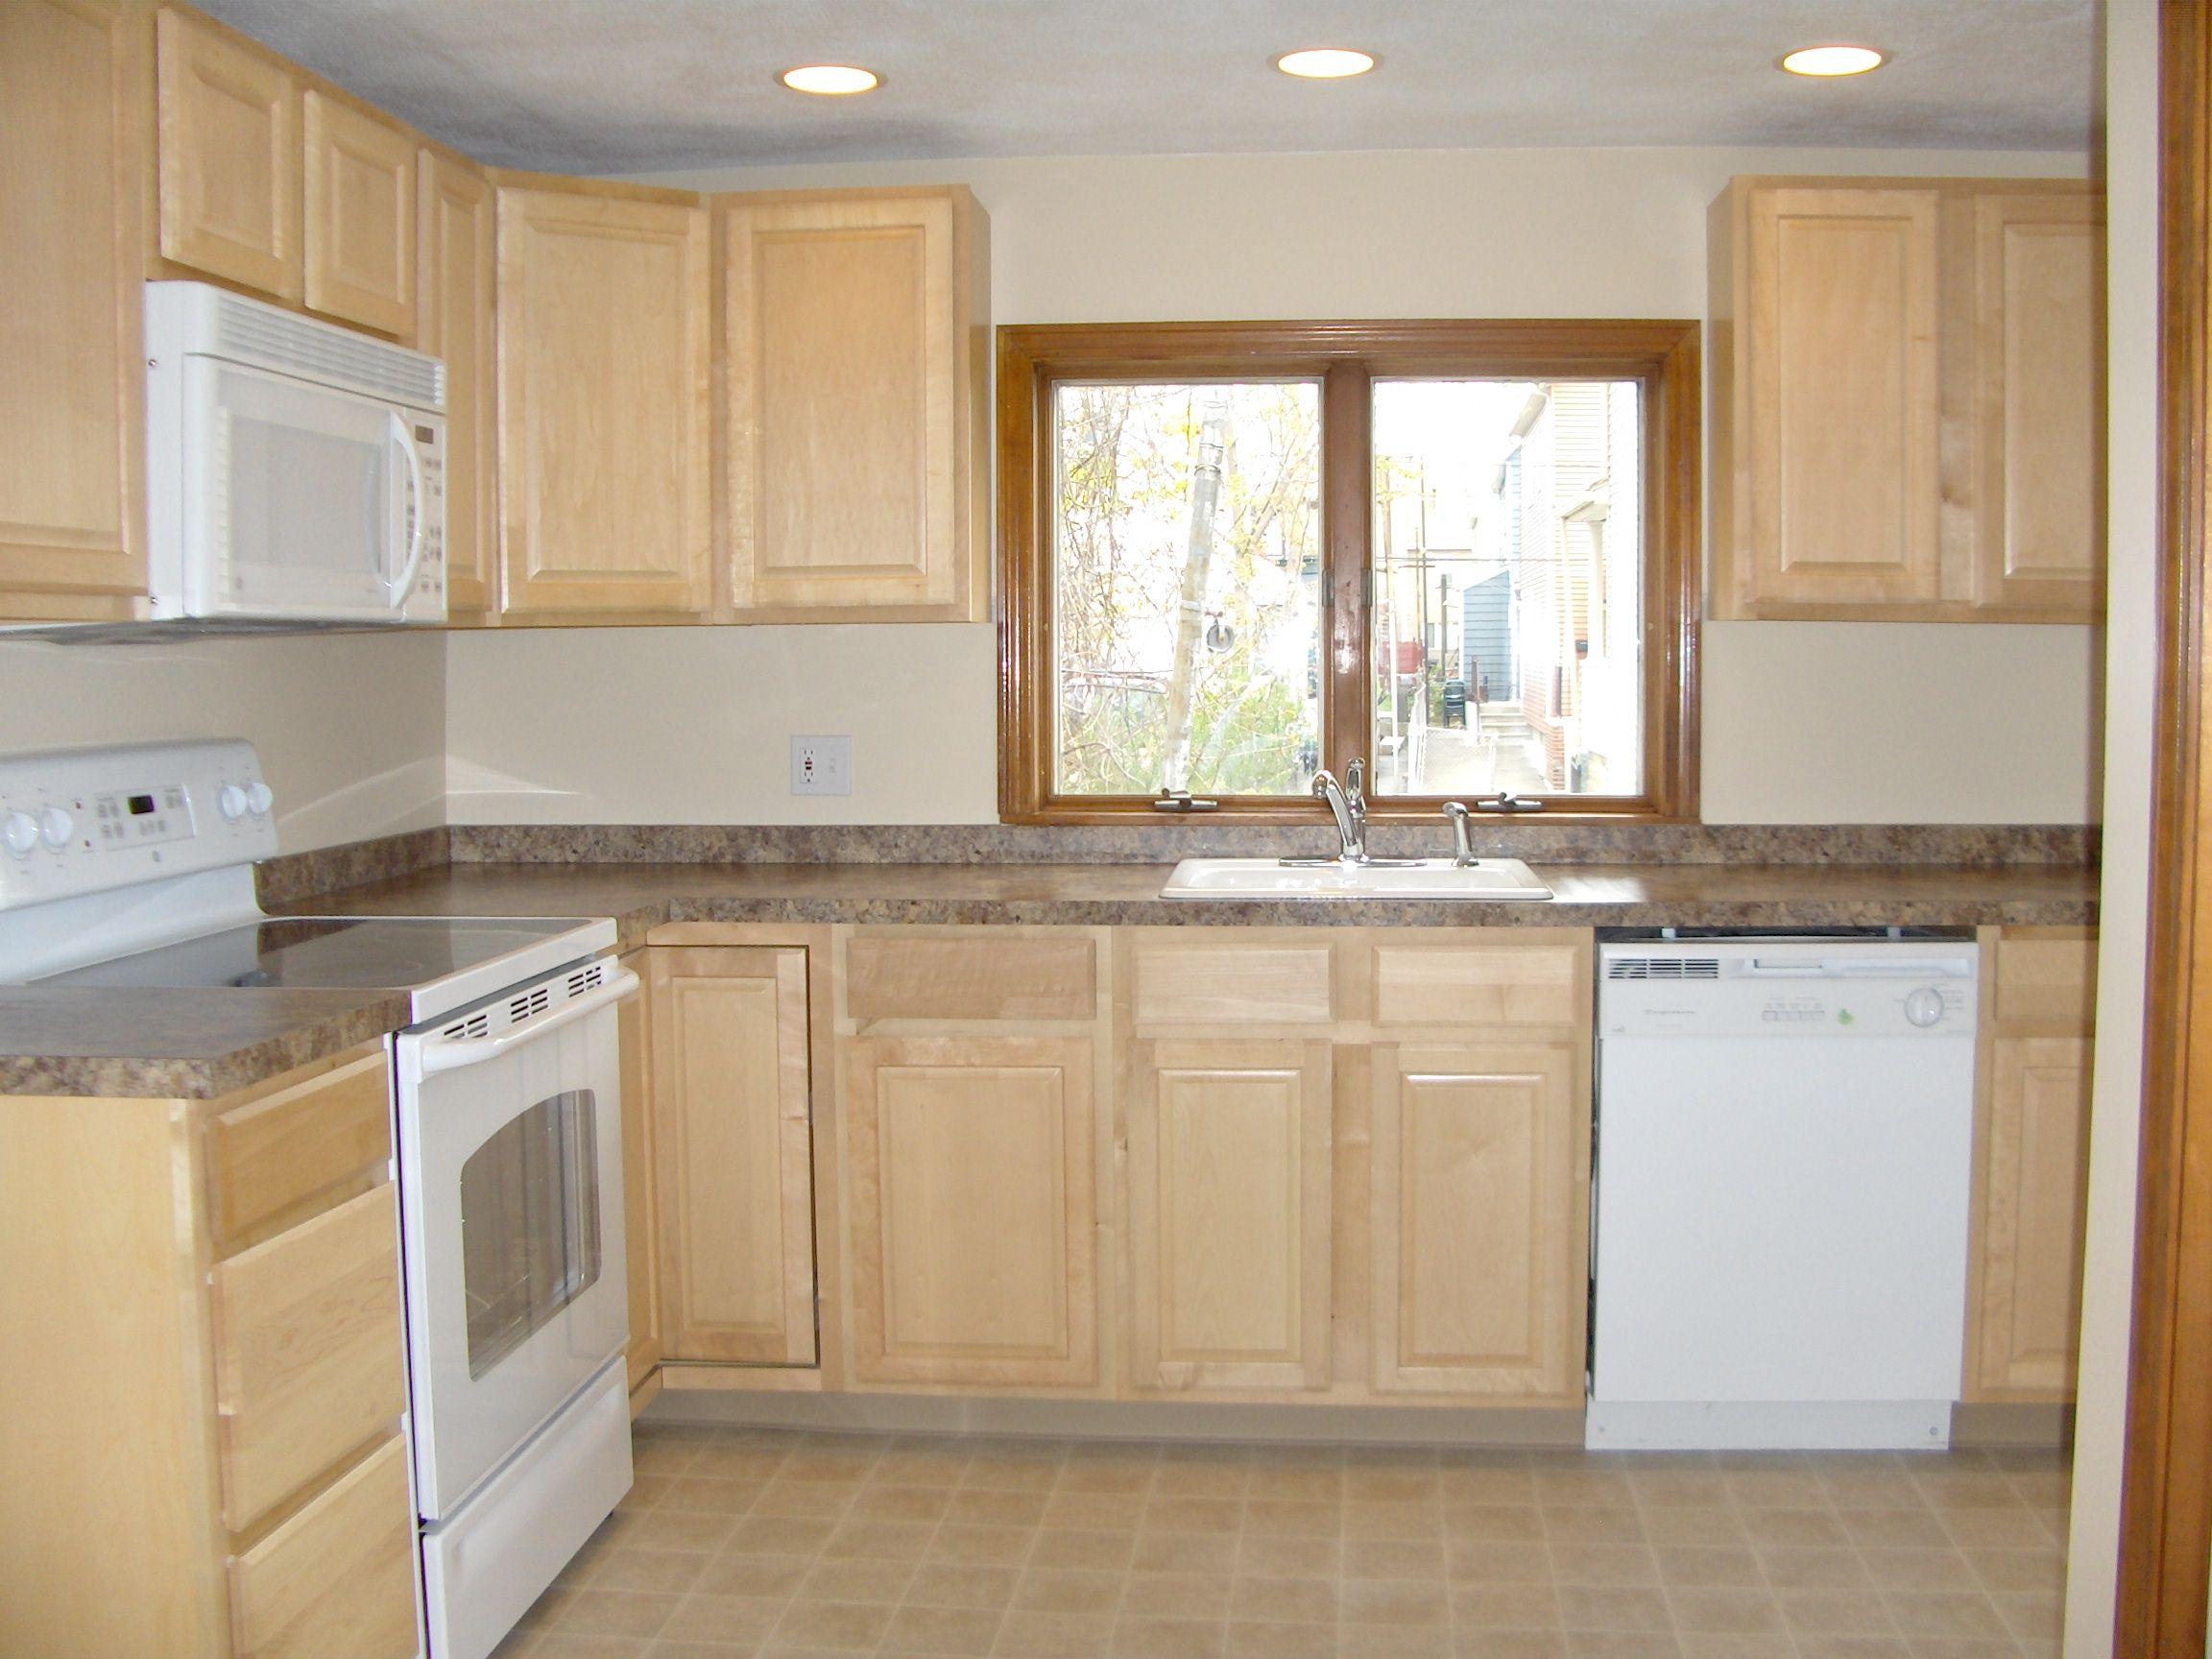 Küche Renovierung Haushalt Dies ist die neueste Informationen auf ...